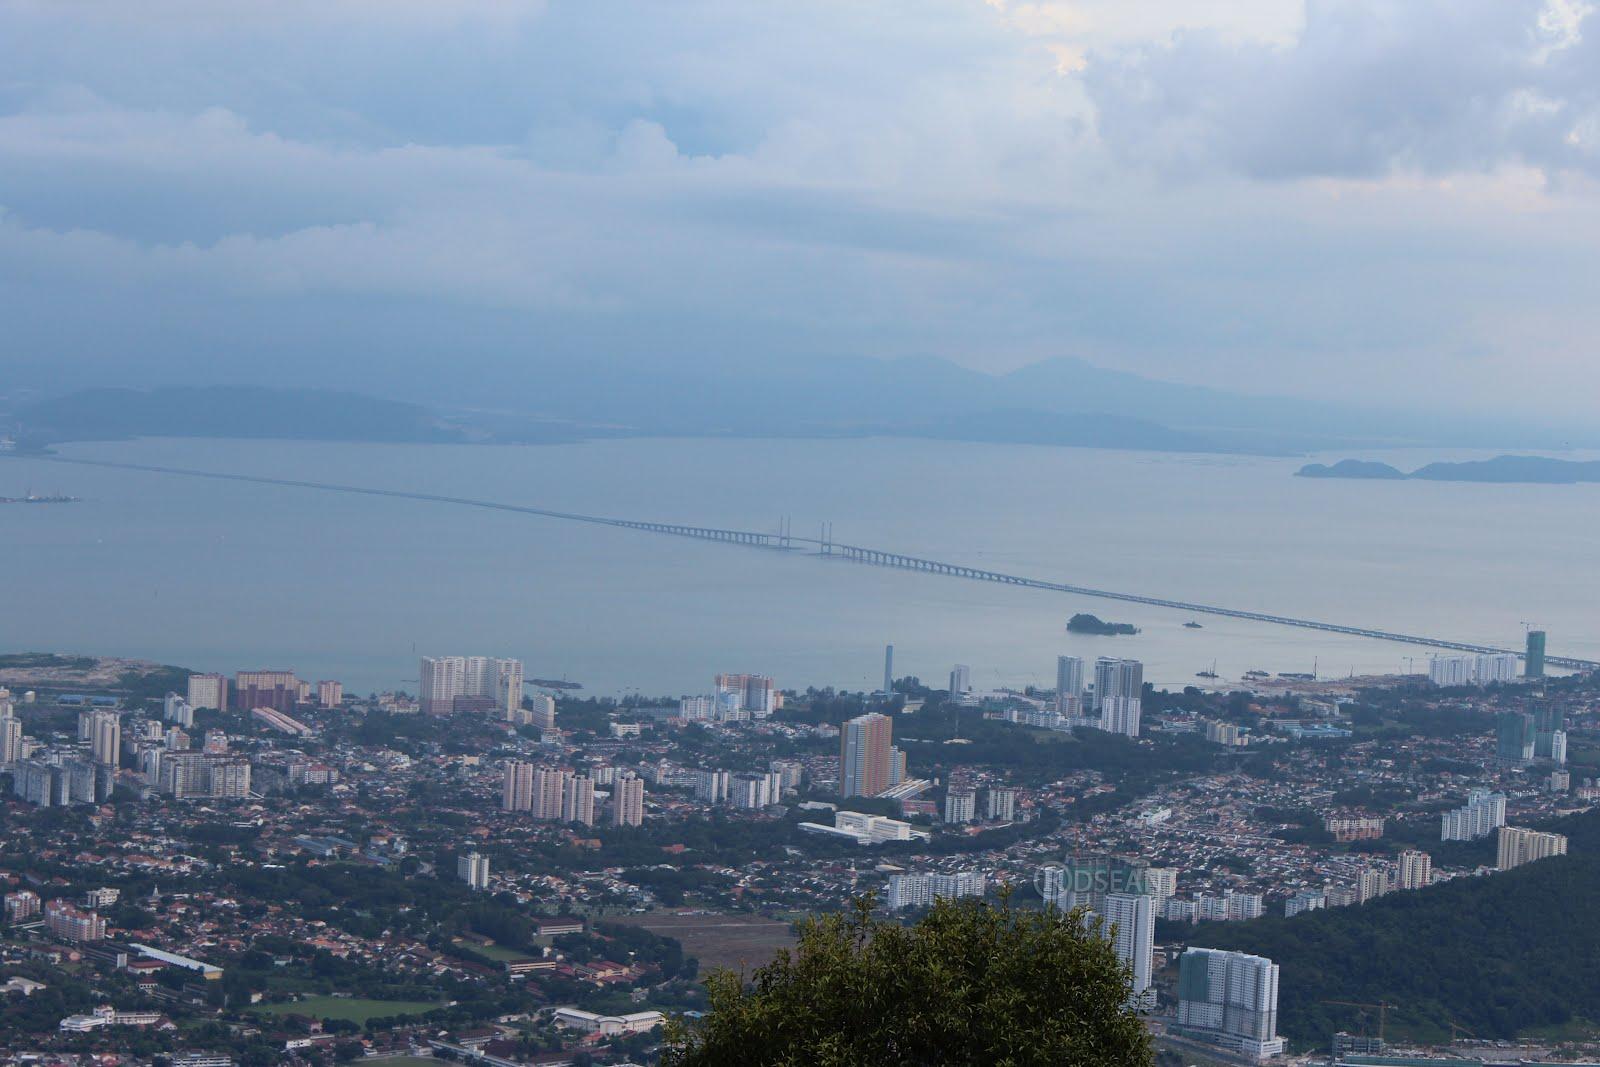 الاماكن السياحية rdsean+penang+hi